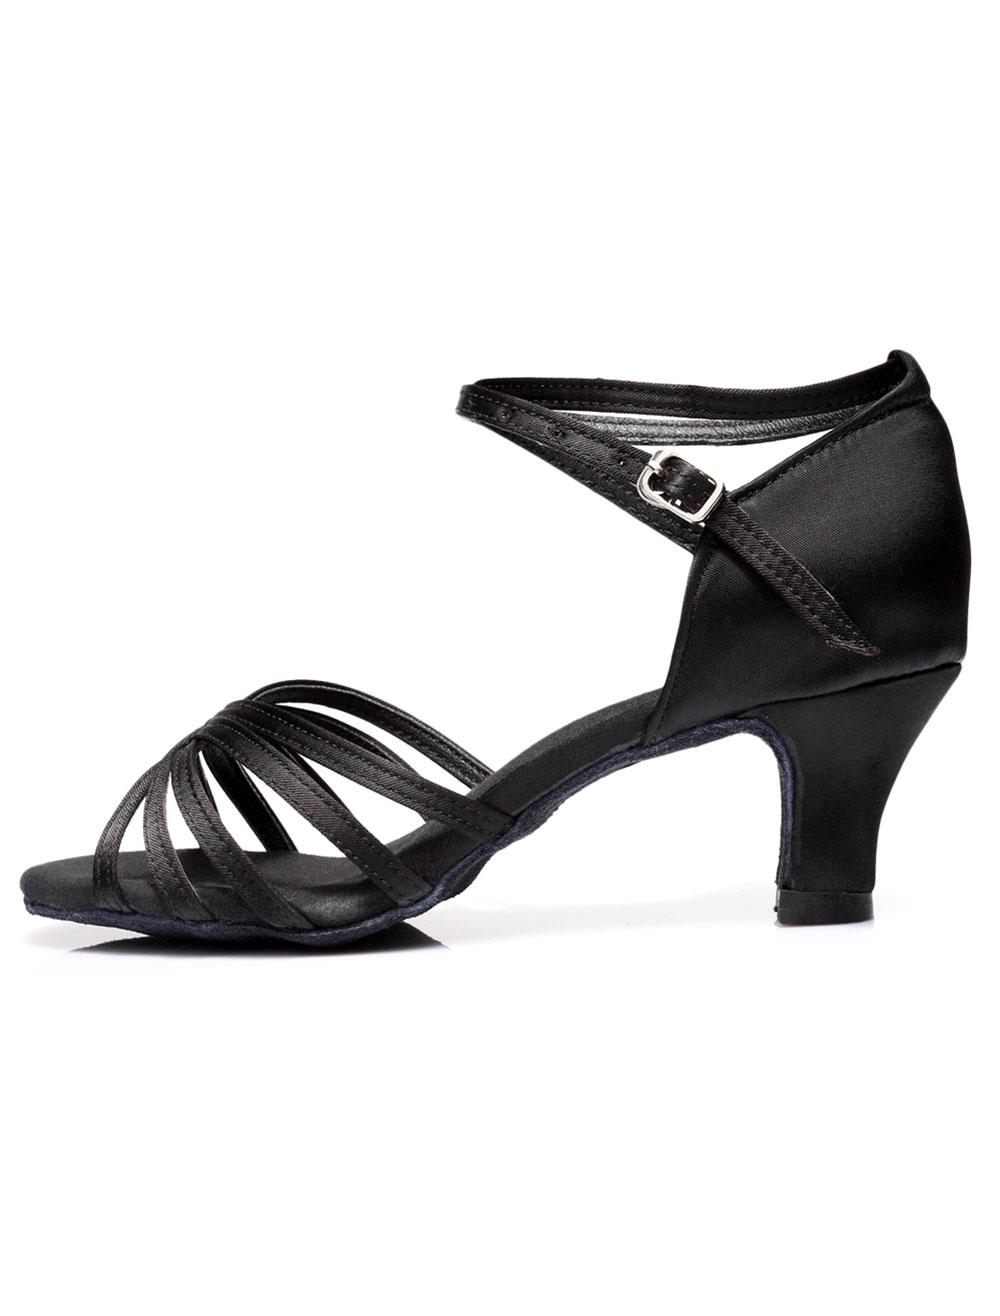 Zapatos baile latino Satin Criss Cross Zapatos de salón para mujeres 9d9sxT